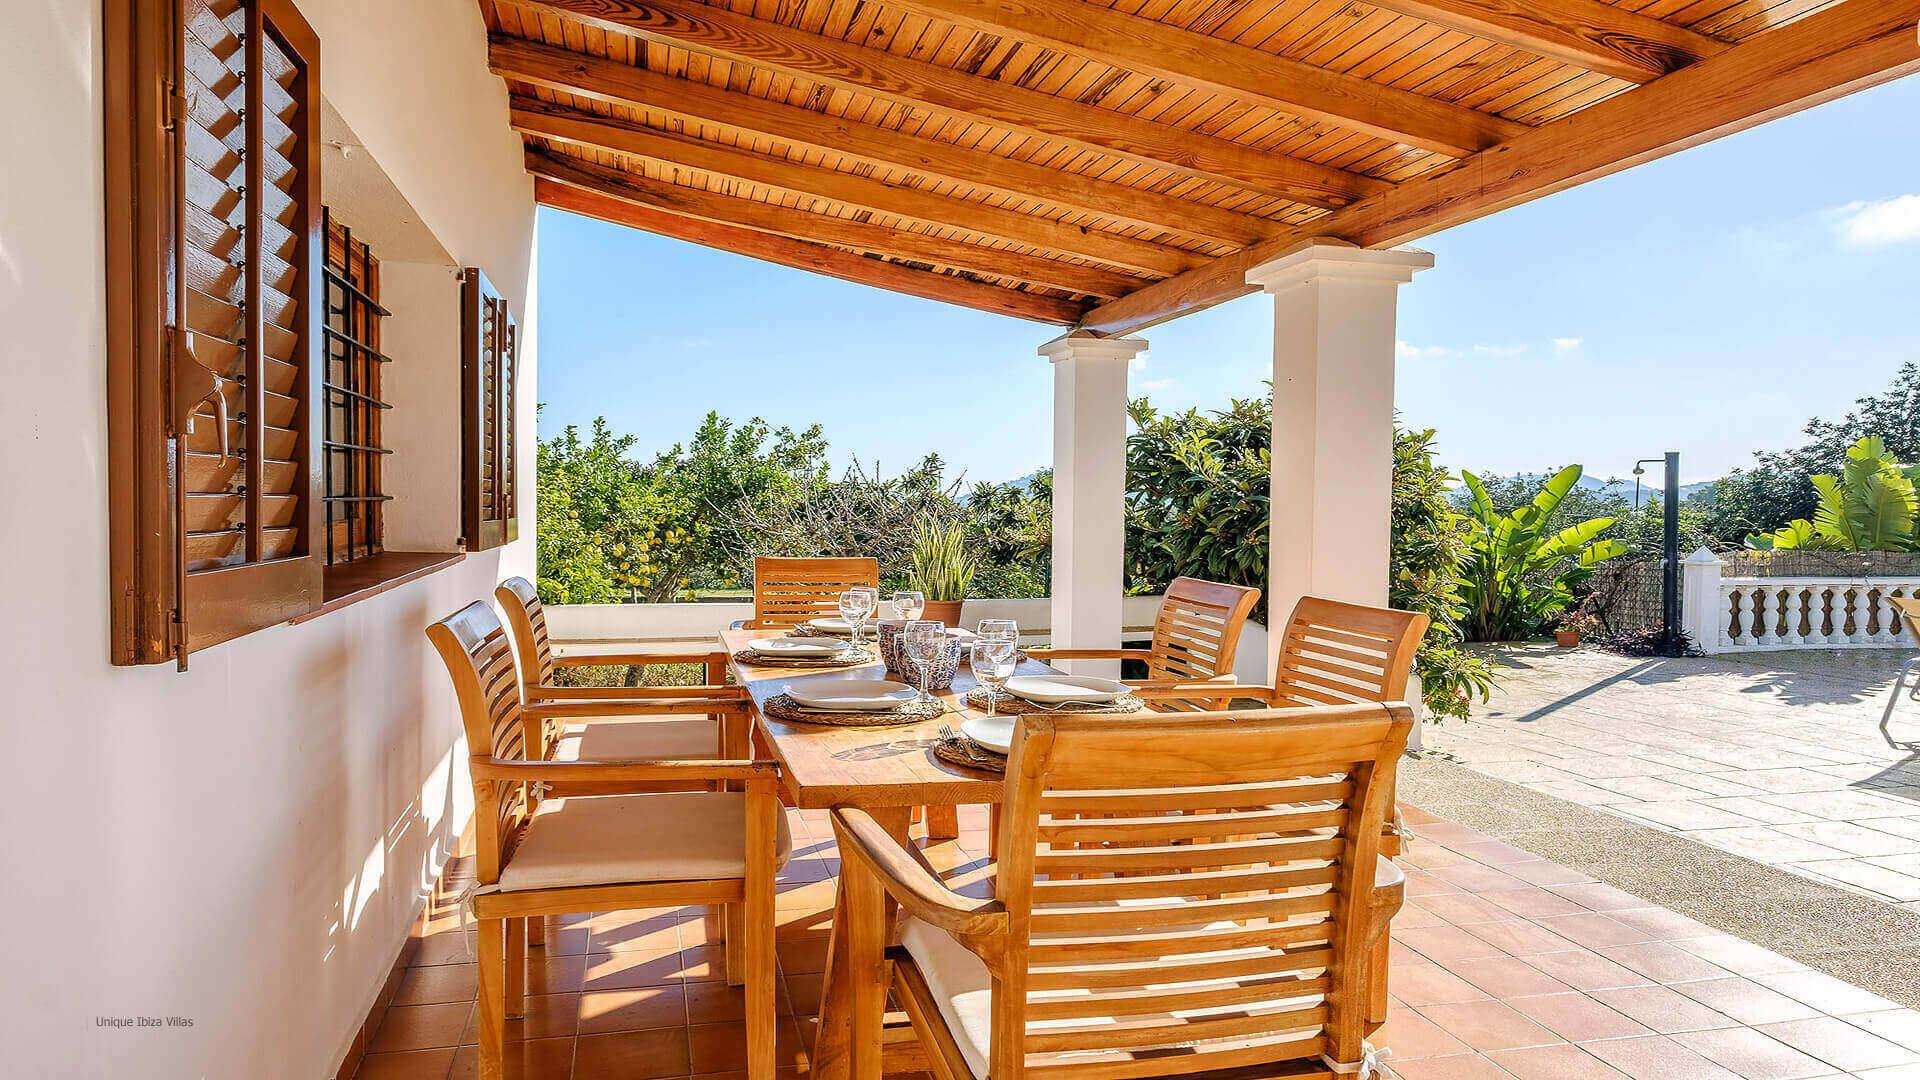 Villa Catalina Ibiza 10 Santa Eulalia